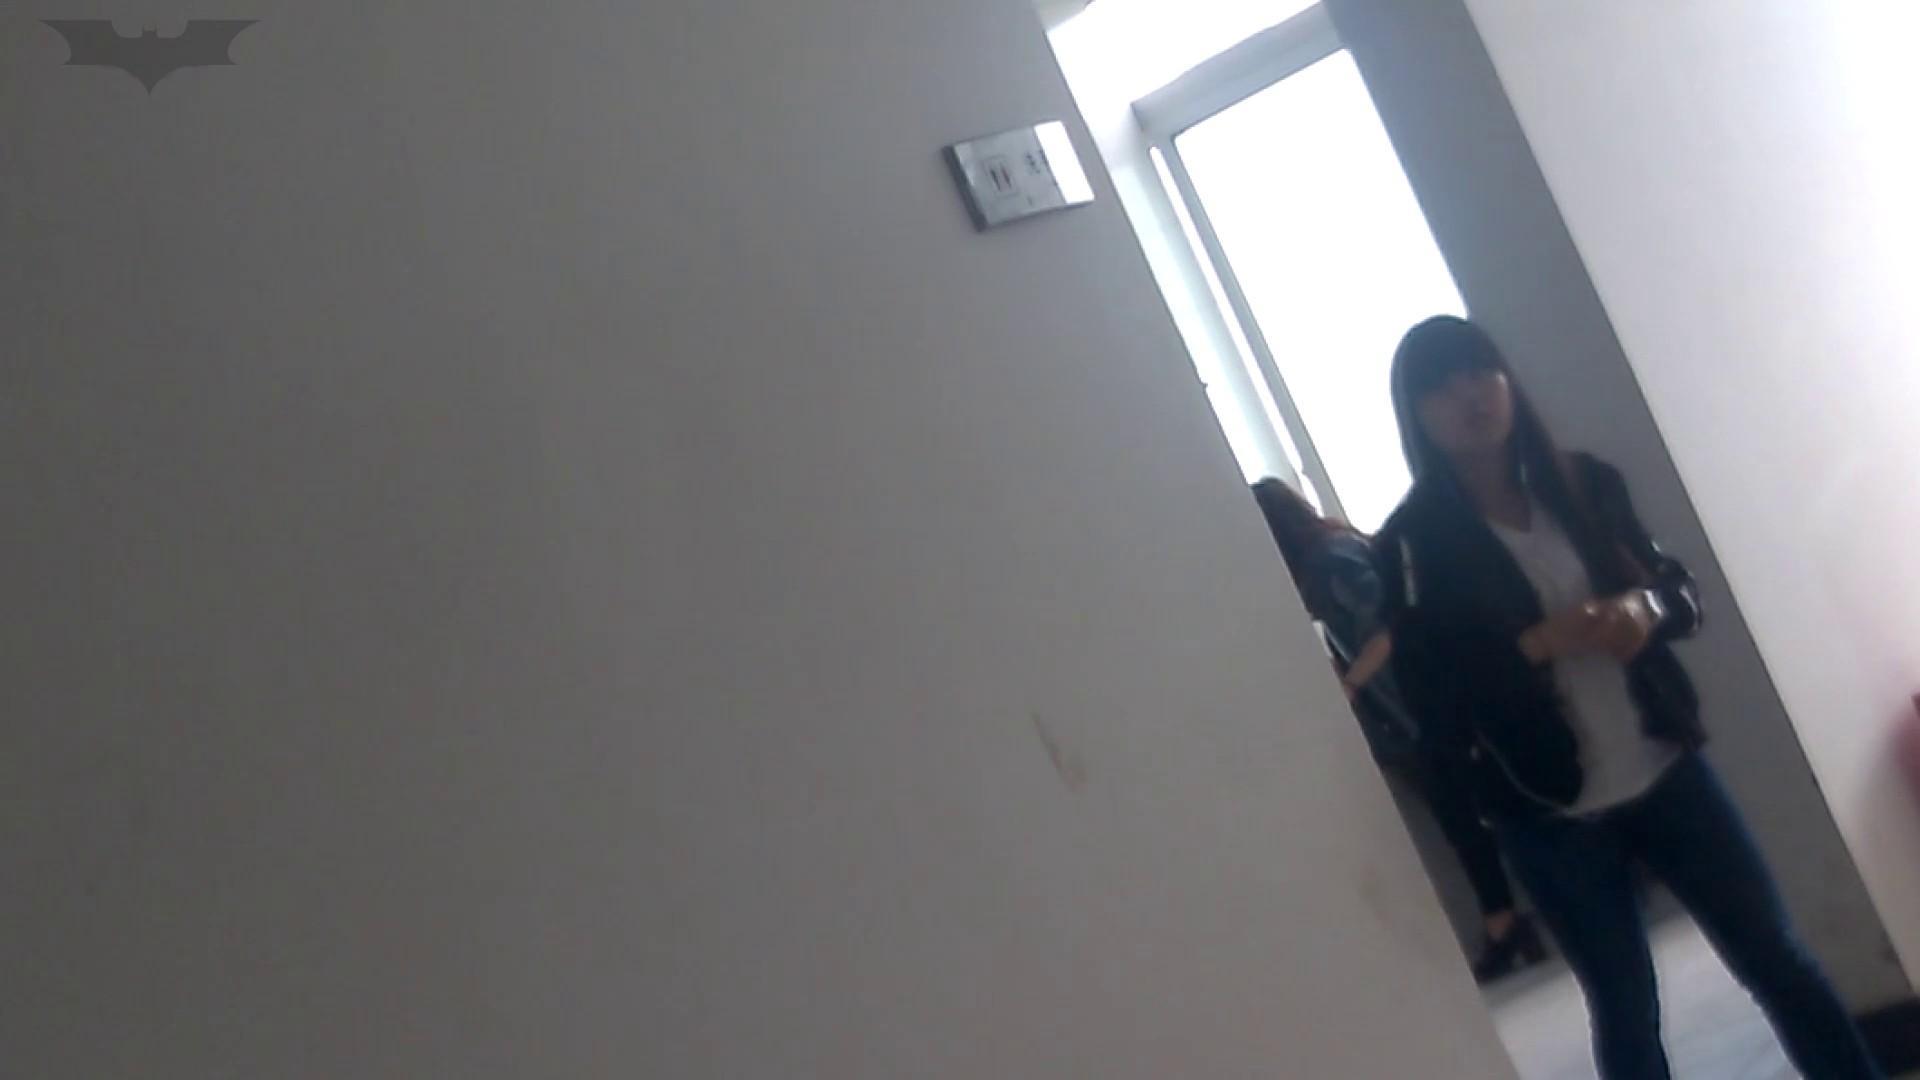 JD盗撮 美女の洗面所の秘密 Vol.05 美肌 すけべAV動画紹介 59画像 3